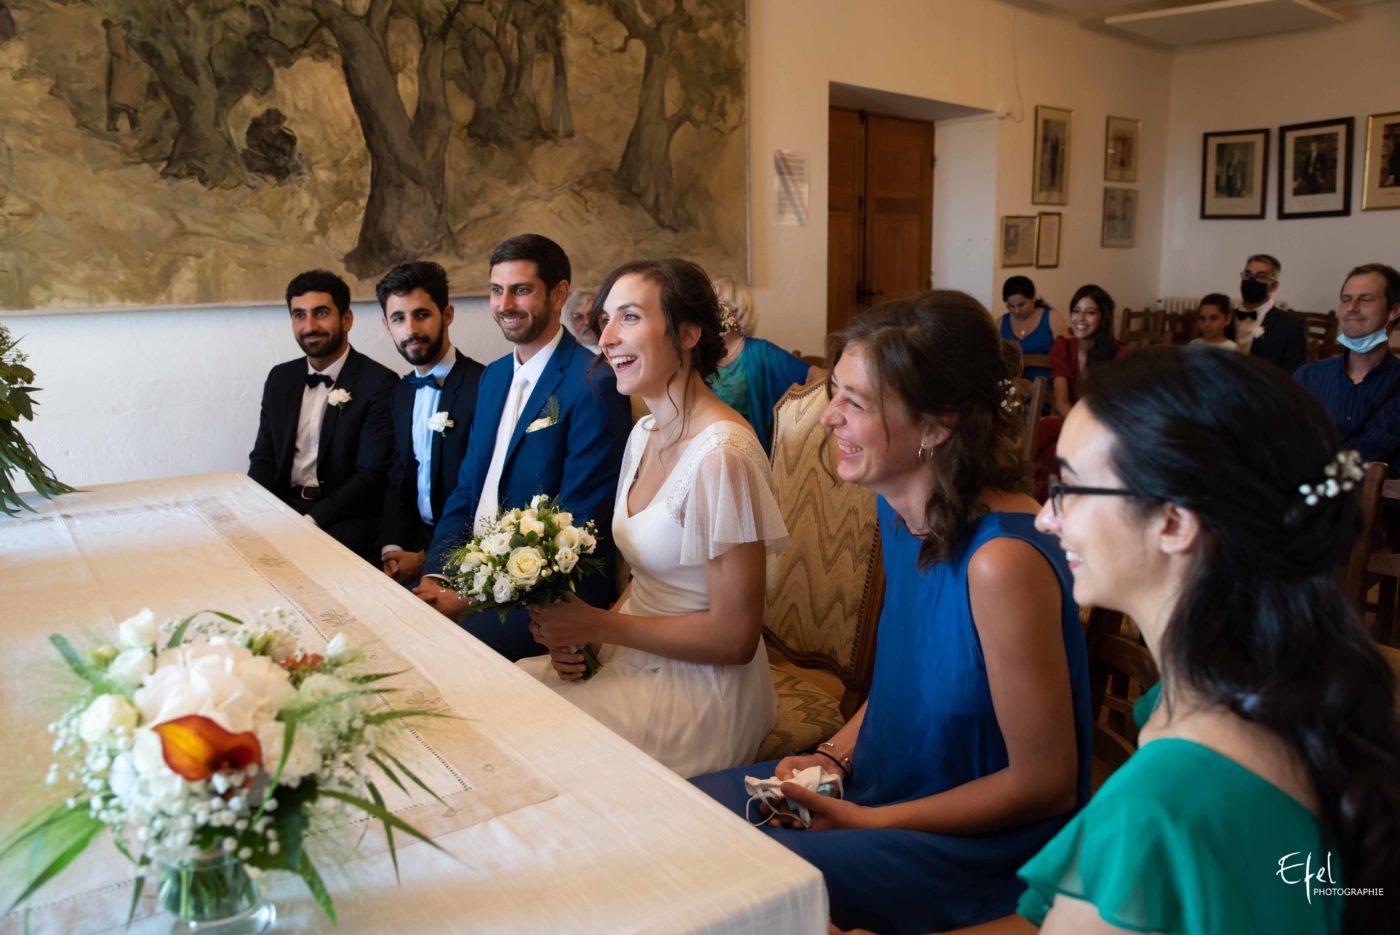 Les mariés et leurs témoins pendant la cérémonie civile de mariage - mariage à Gap, briançon, embrun